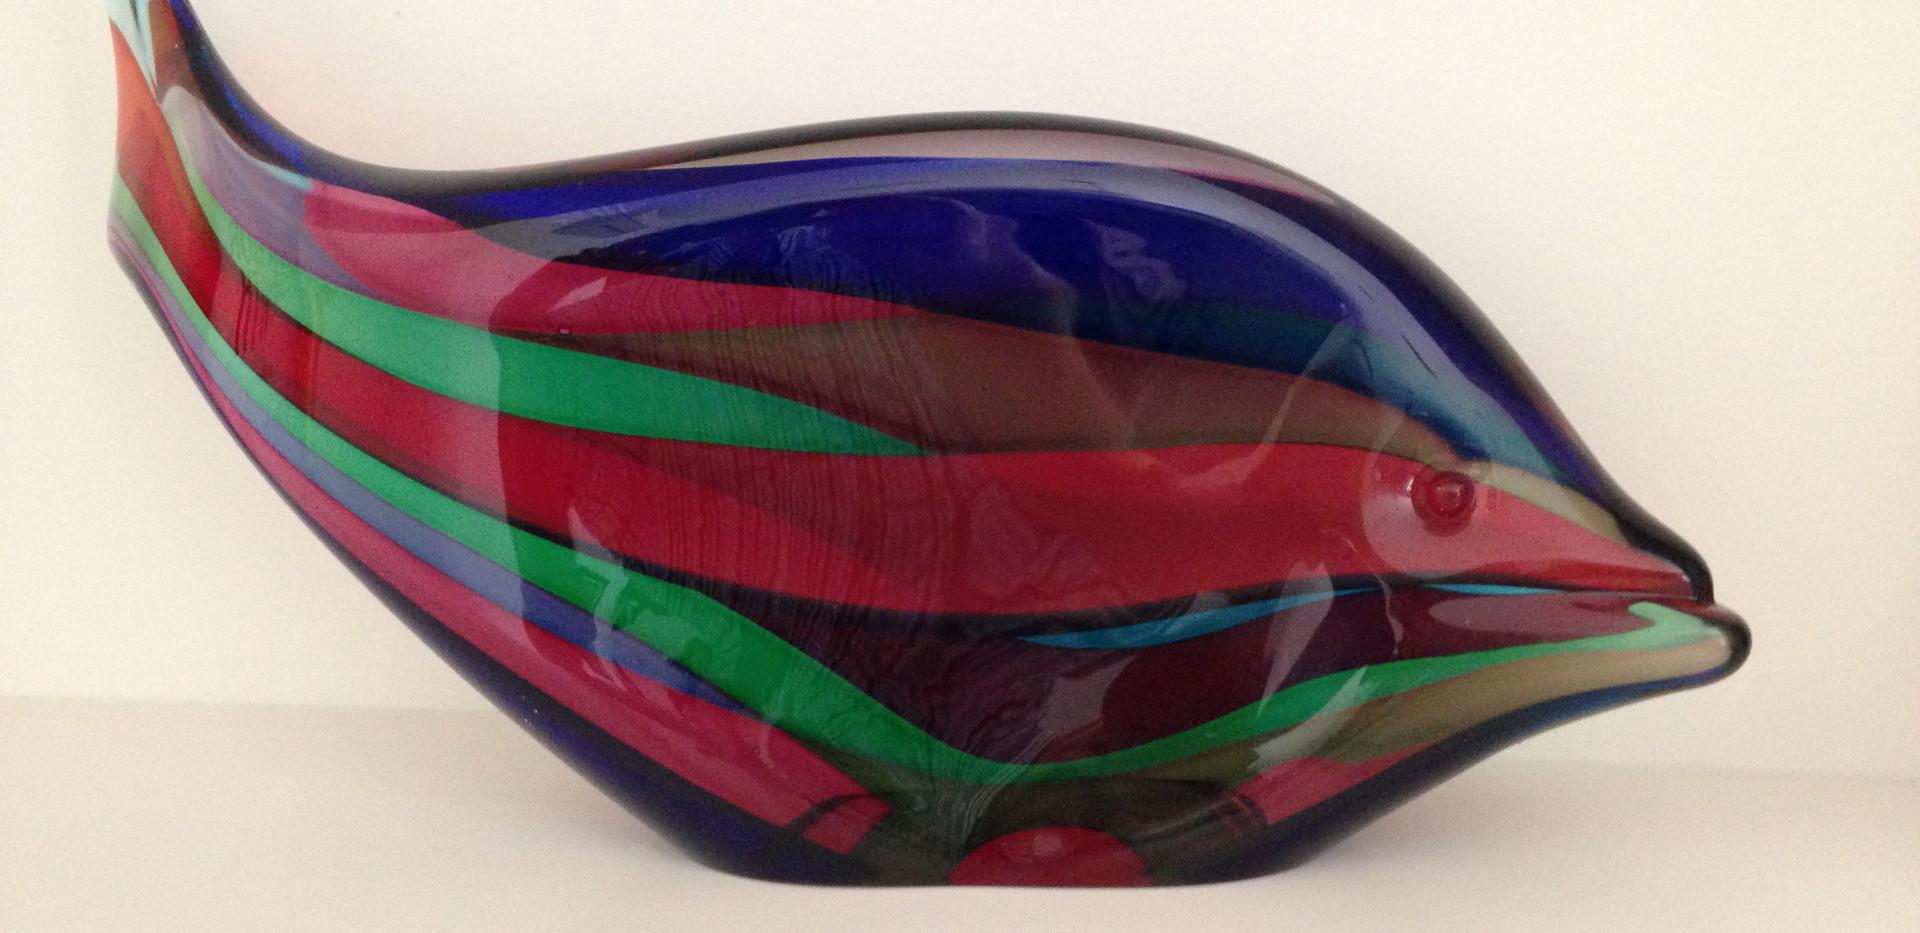 Rare Murano Art Glass Fish